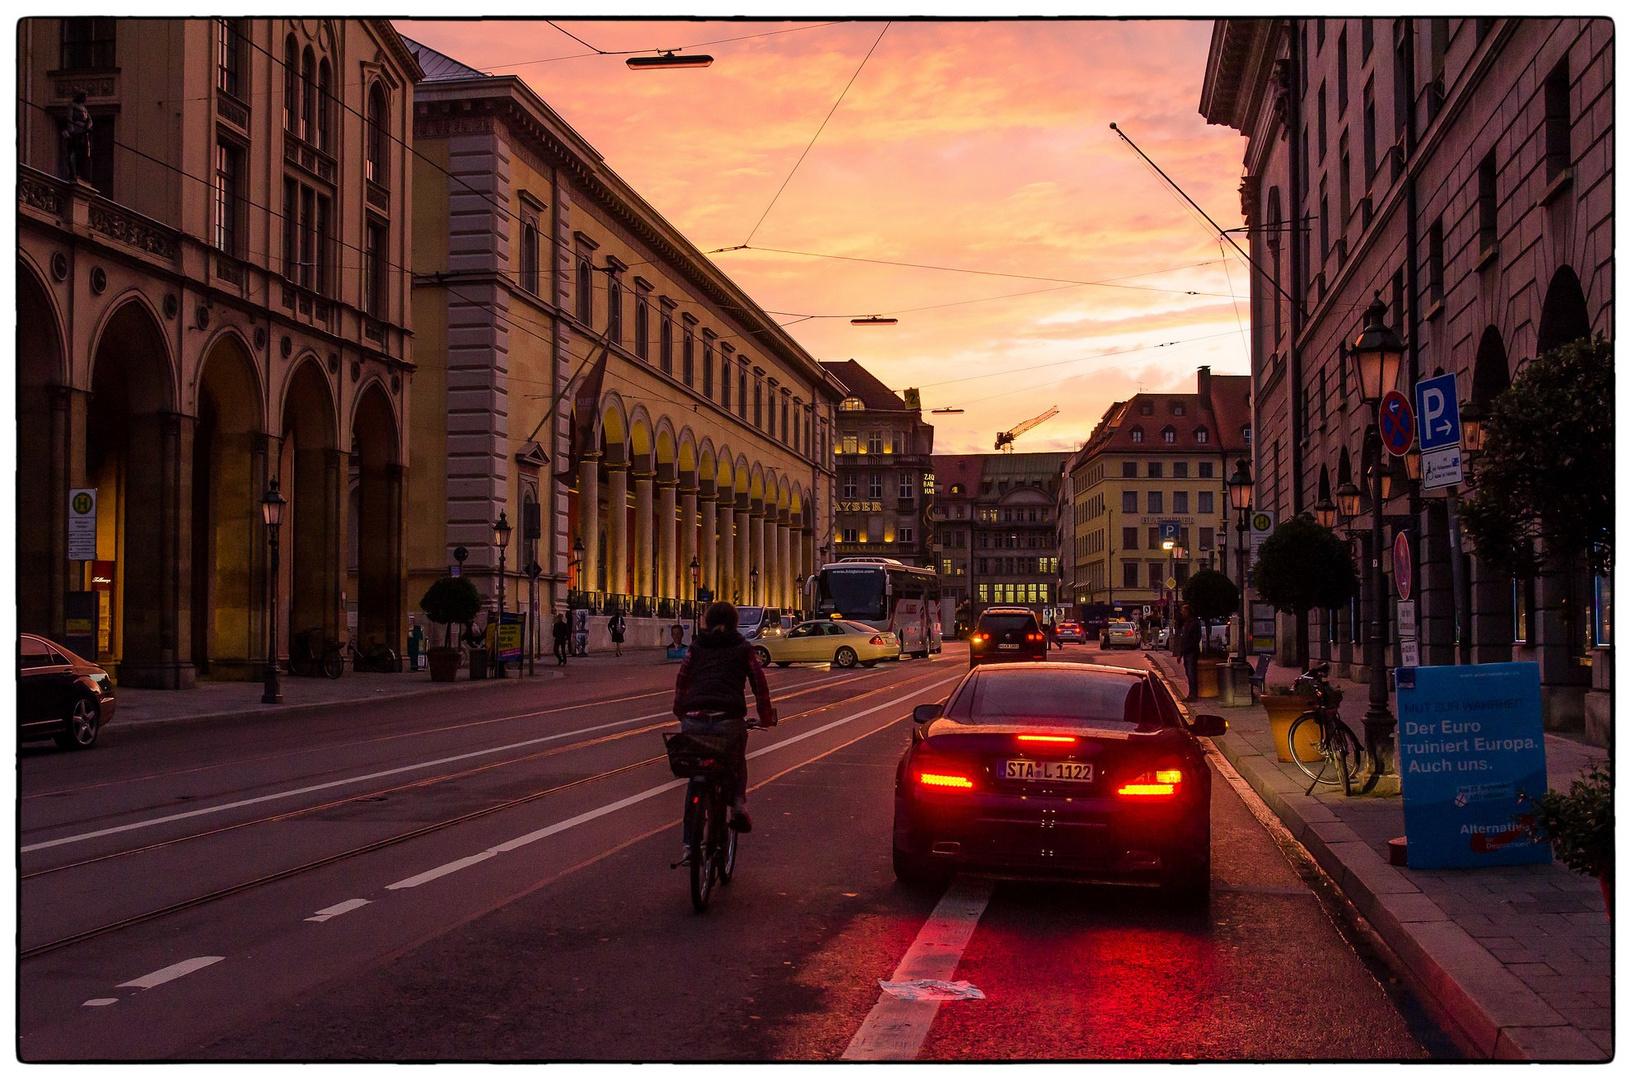 Sonnenuntergang in München